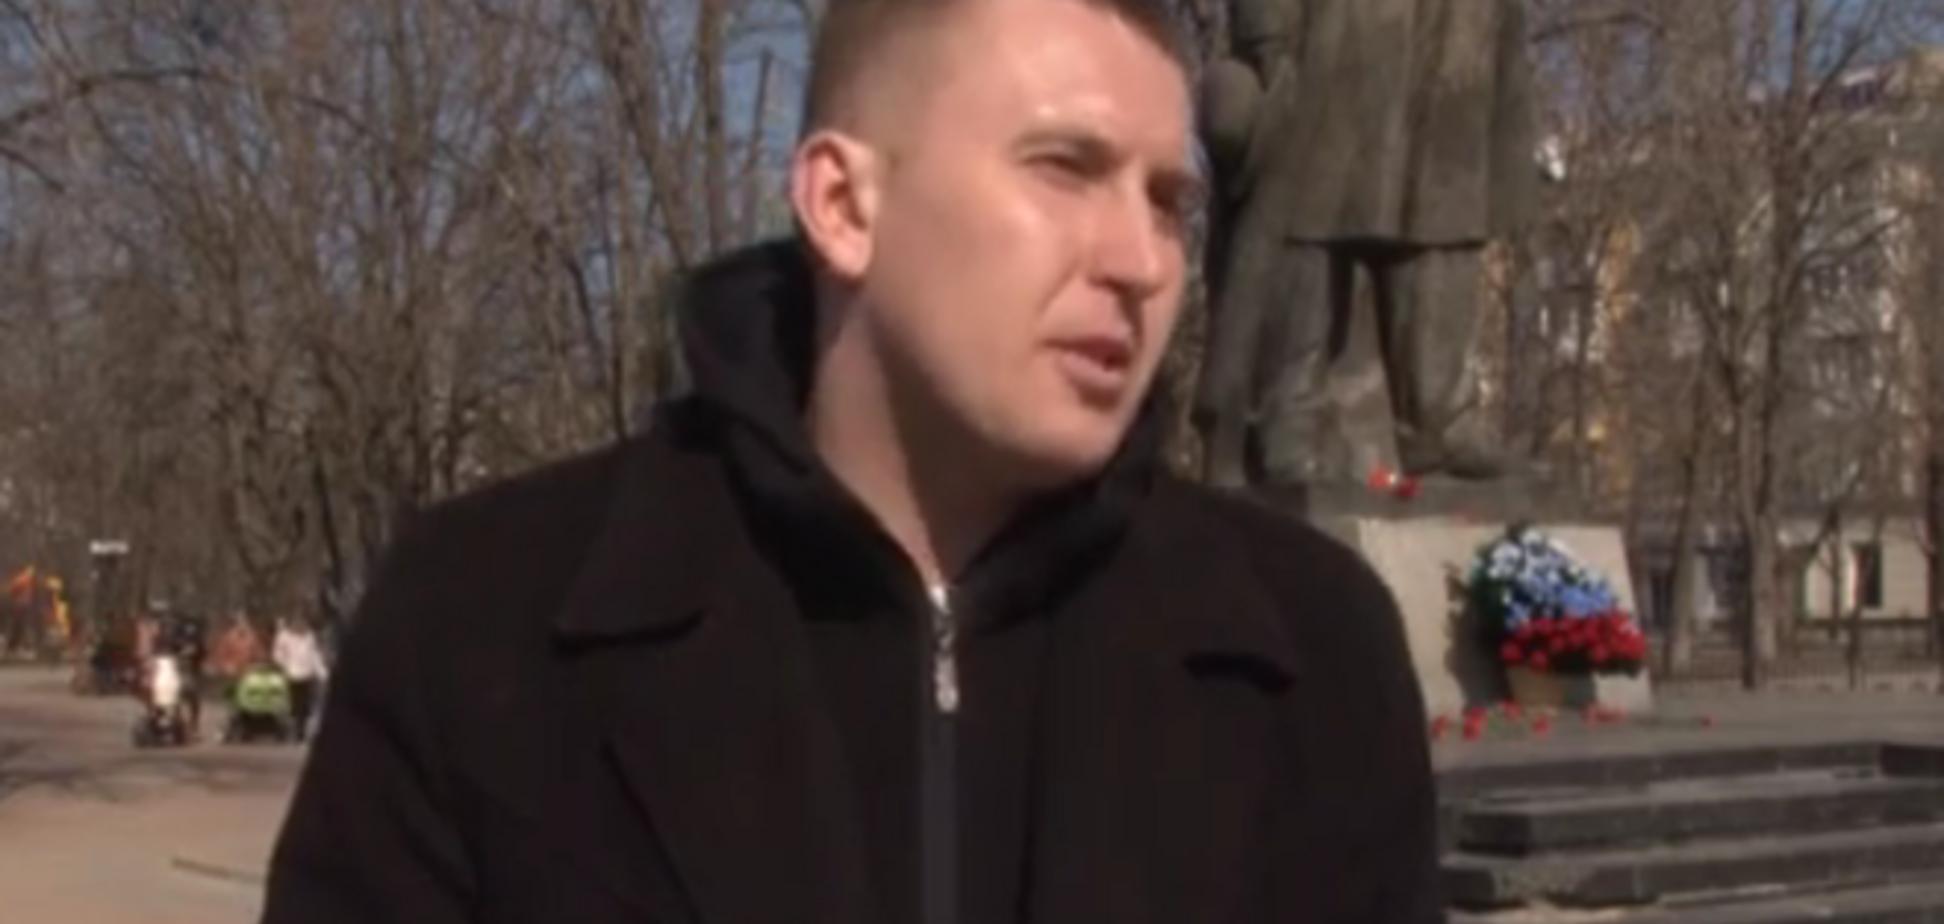 Маразм крепчает. В Луганске почтили память 'россиянина' Тараса Шевченко